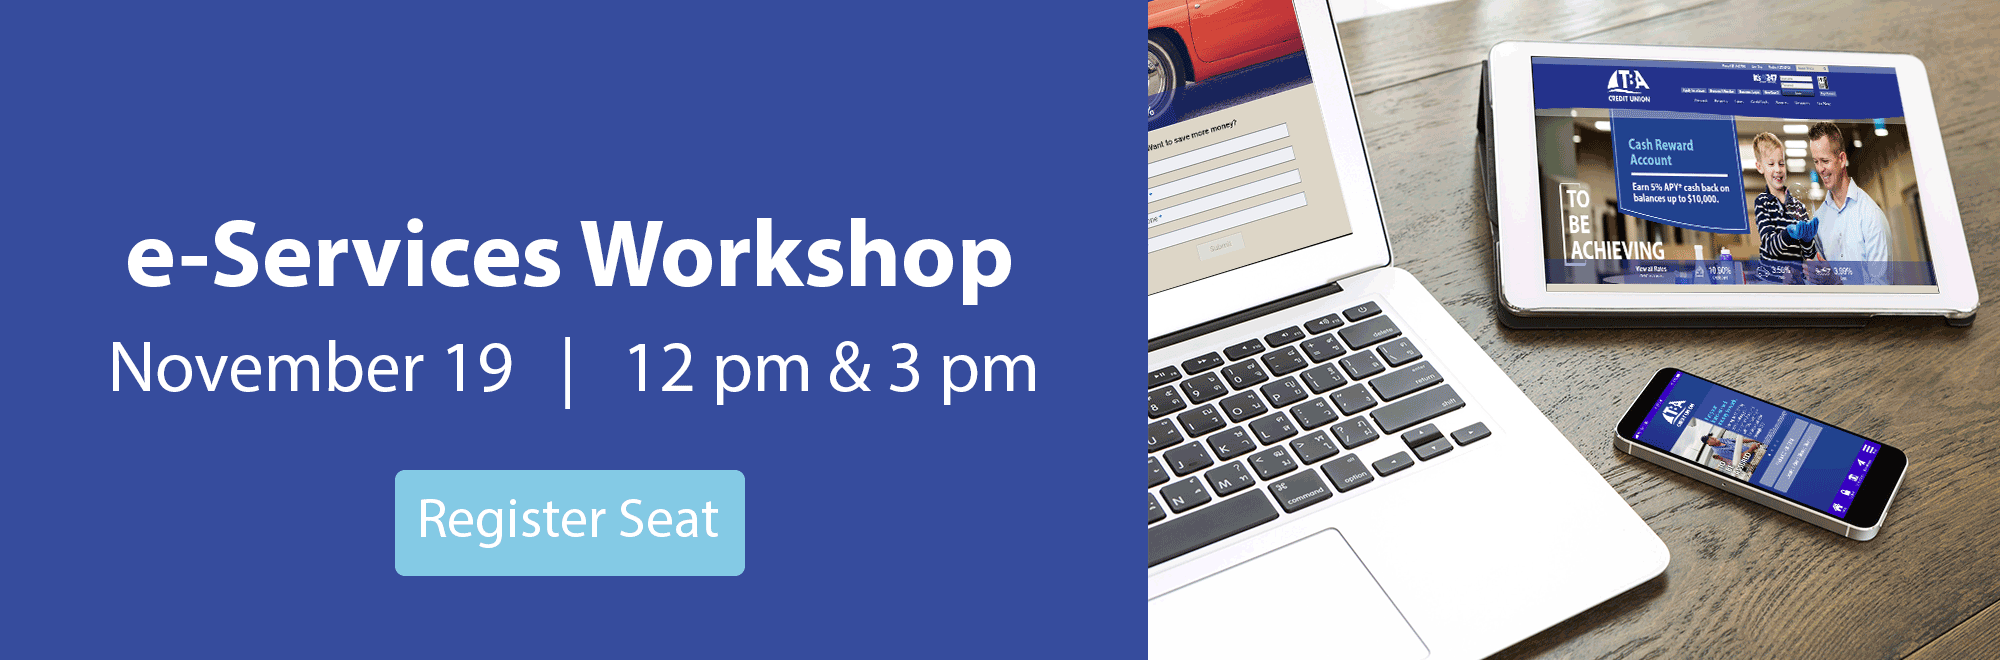 e-Services Workshop. November 19.